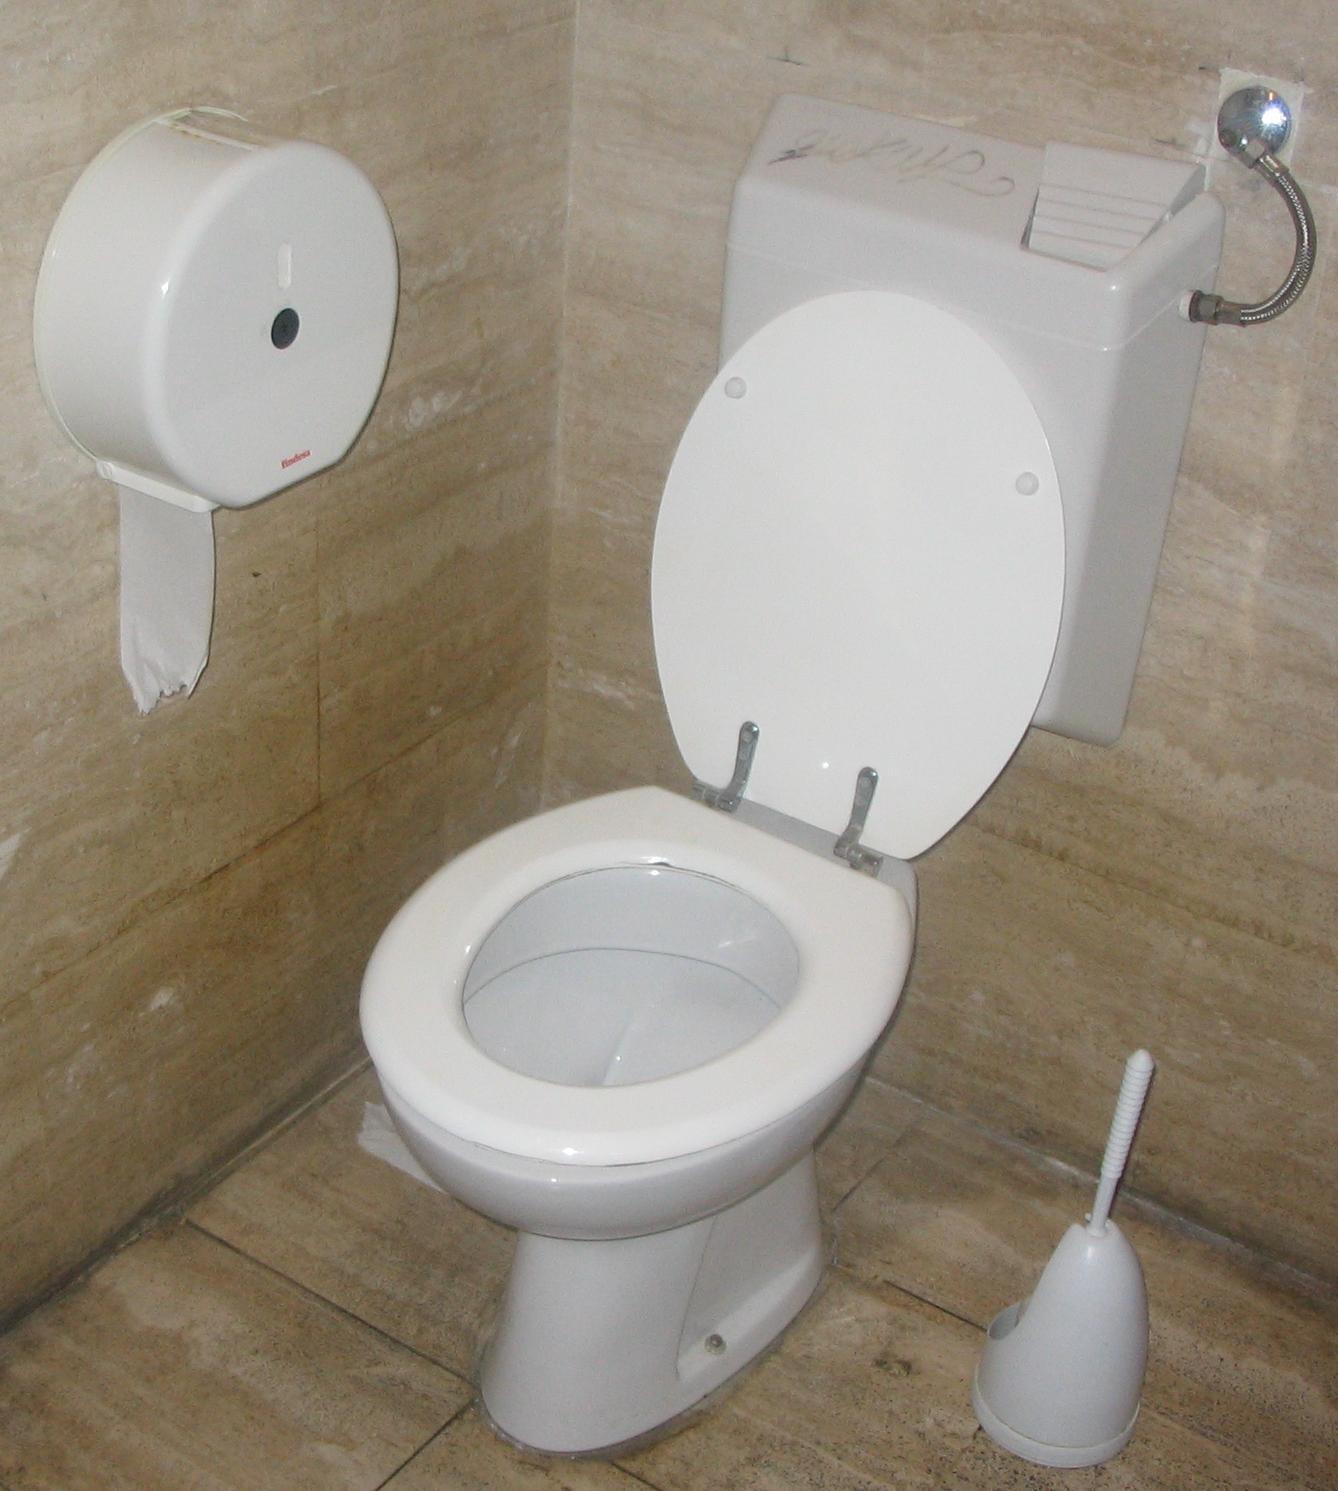 インドネシア基本情報 【トイレ編】